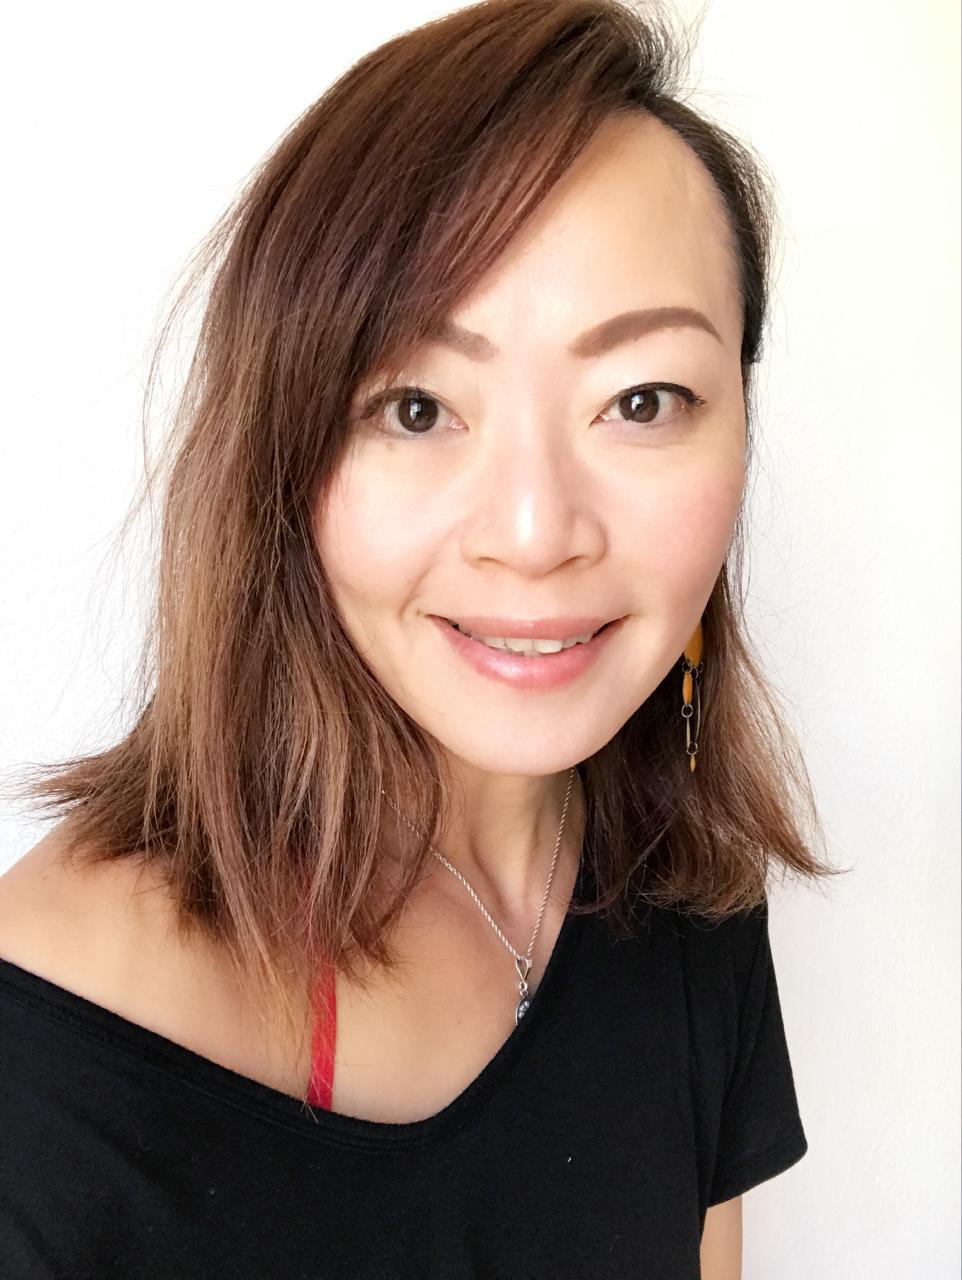 Xiao-Xuan Yang Dancigers